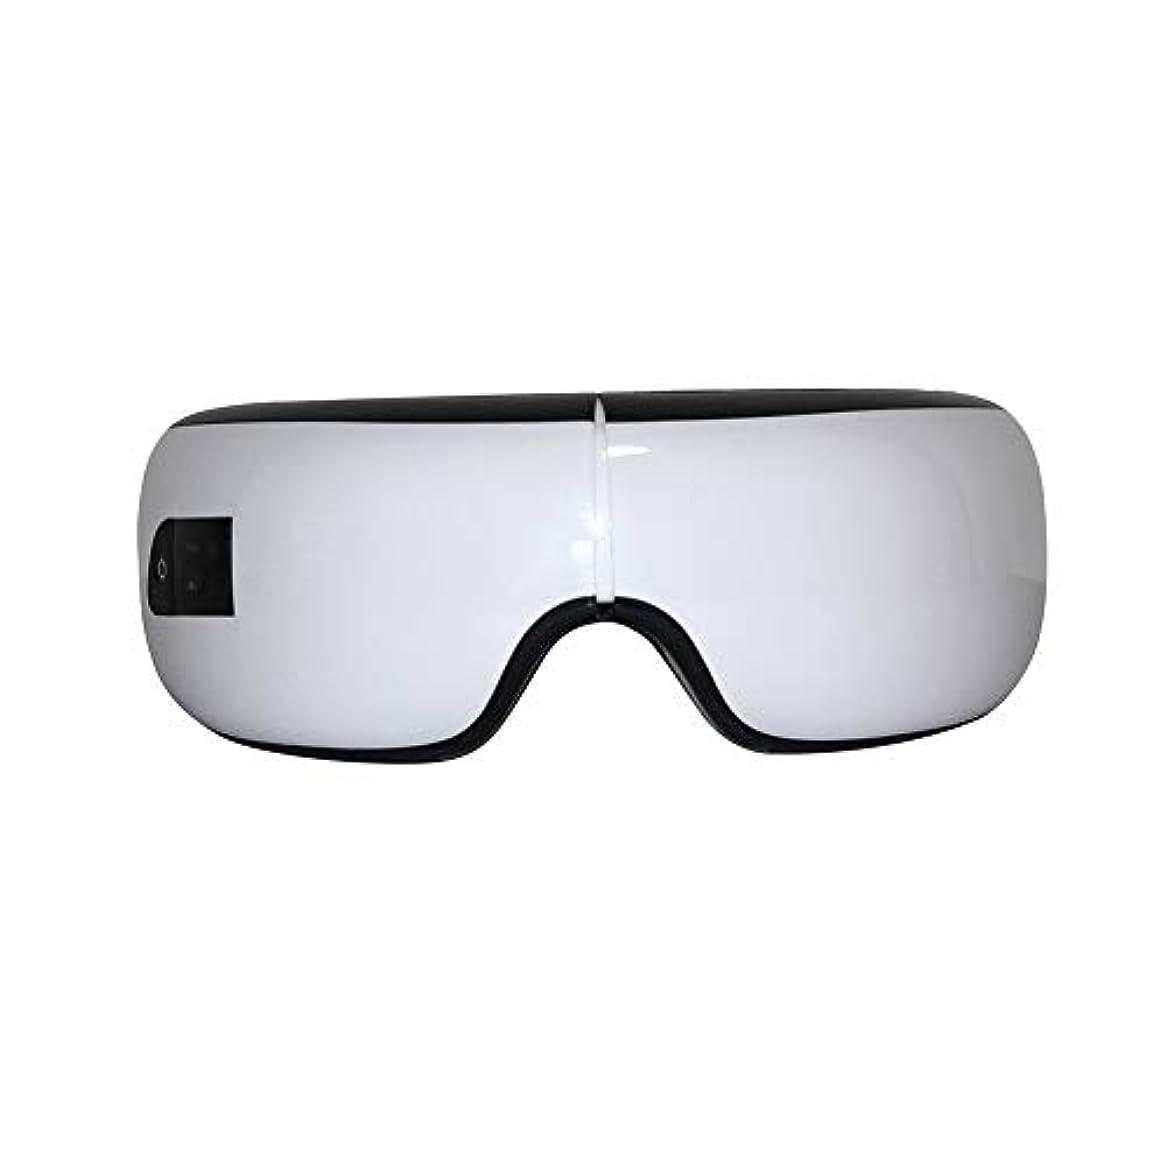 称賛移住する週間電気振動Bluetoothアイマッサージャーアイケアデバイスしわ疲労緩和振動マッサージホットコンプレスセラピーメガネクリスマスギフト